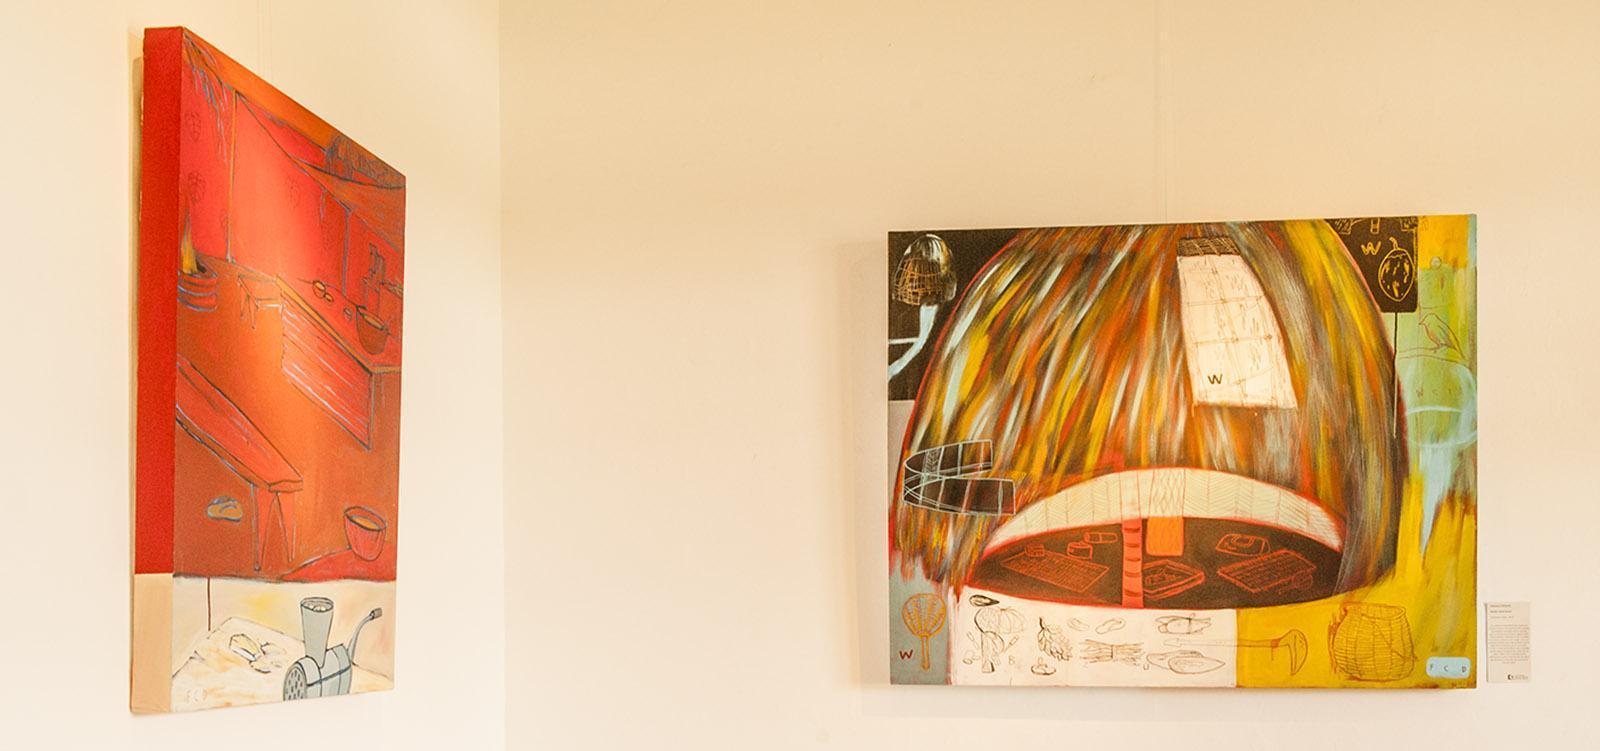 Zeitgenössische Kunst, ausgestellt im Château Hagen, Nouméa. Foto: Hilke Maunder